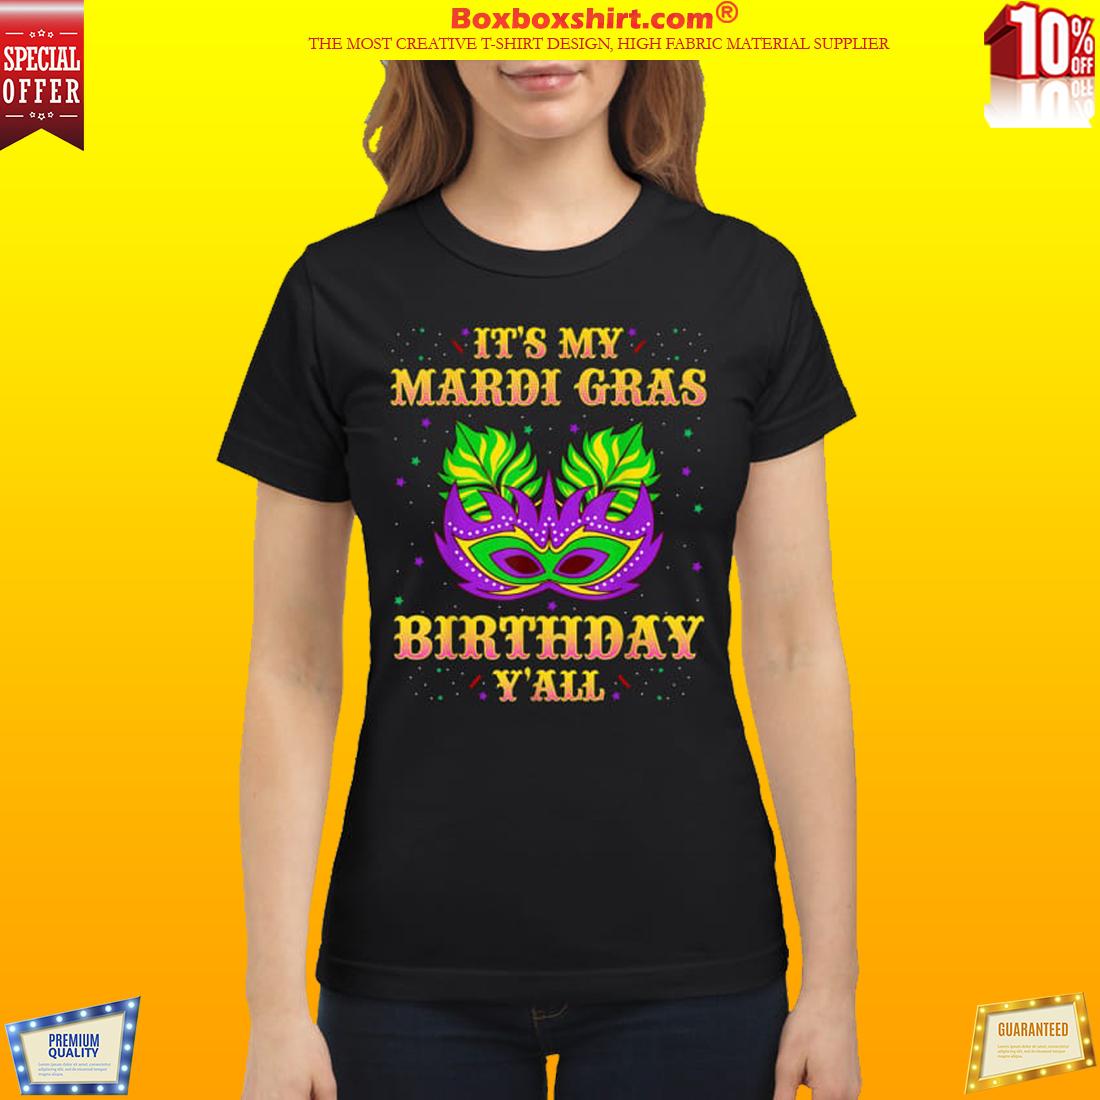 9ee6f4e67 10% OFF] It's my Mardi Gras Birthday y'all shirt